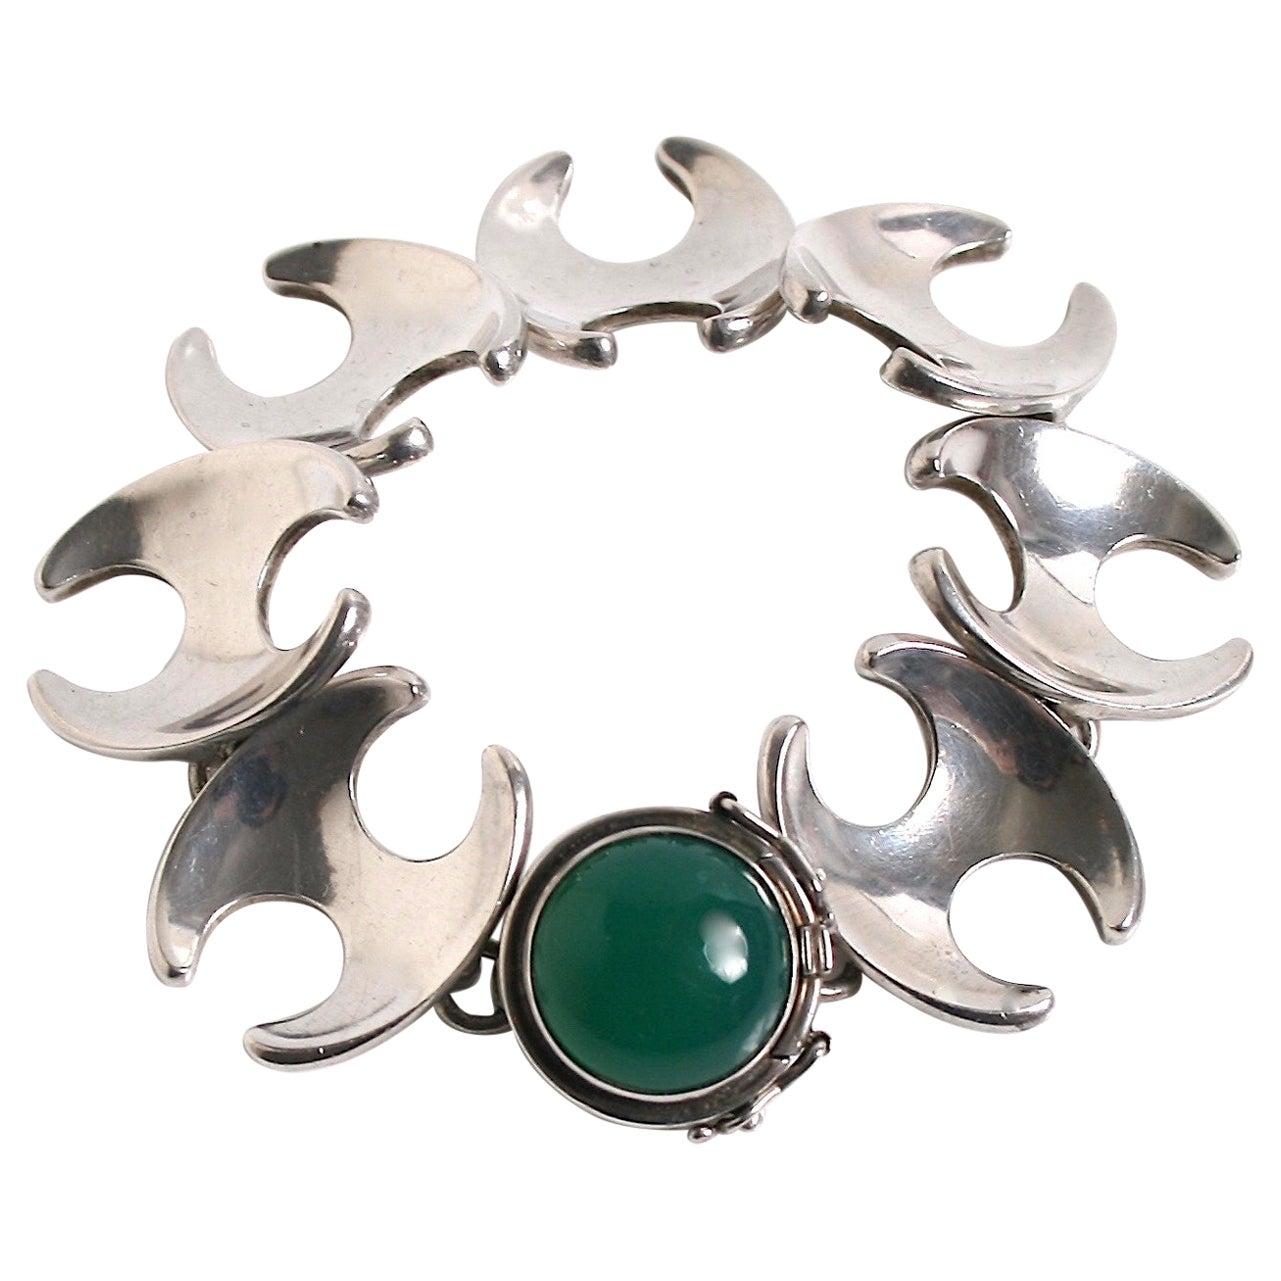 Georg Jensen Bracelet Designed by Henning Koppel, Denmark